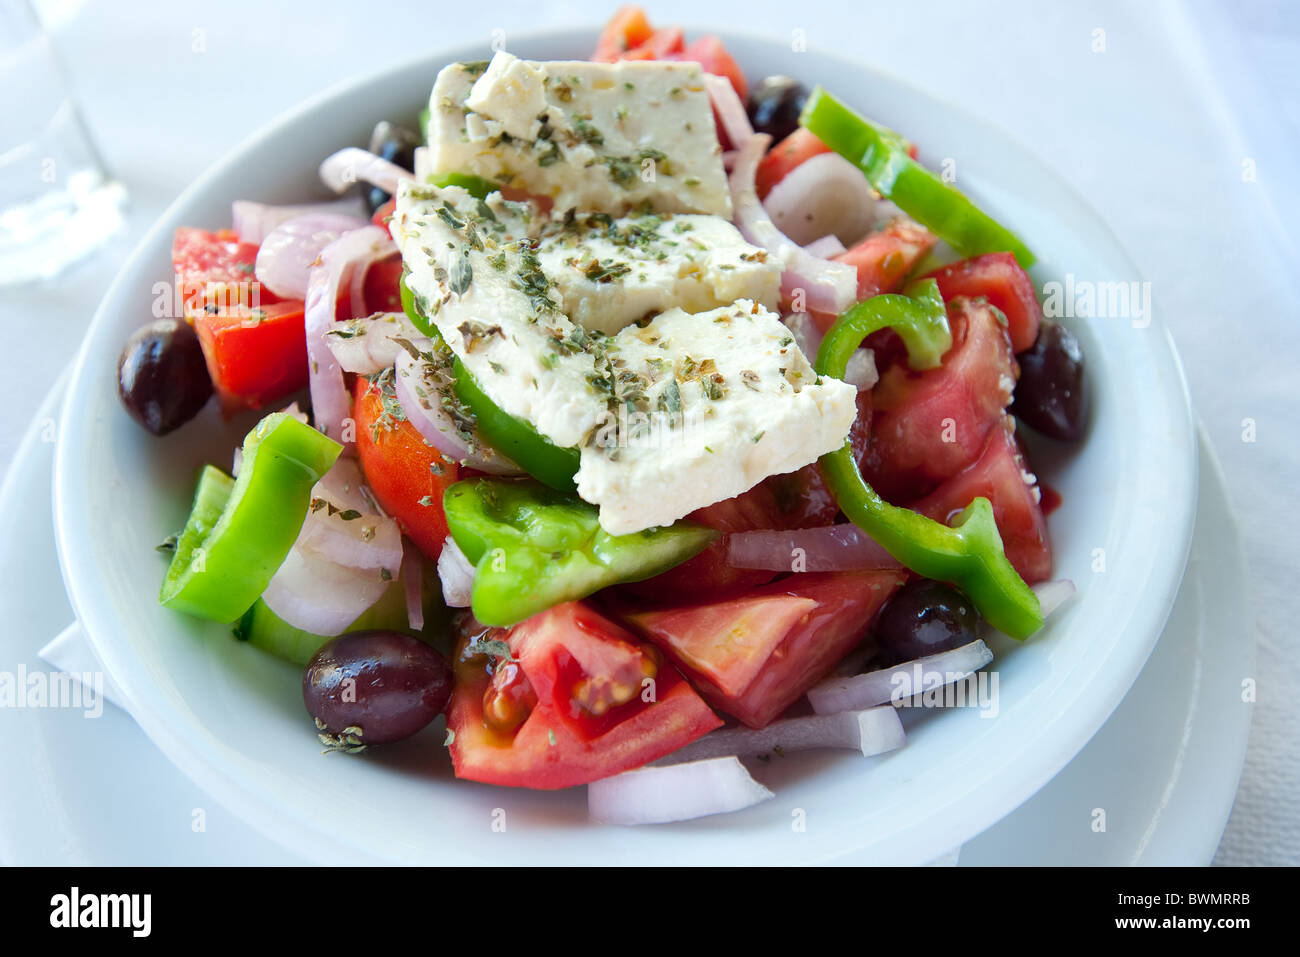 Salade grecque, Athènes, Grèce Photo Stock